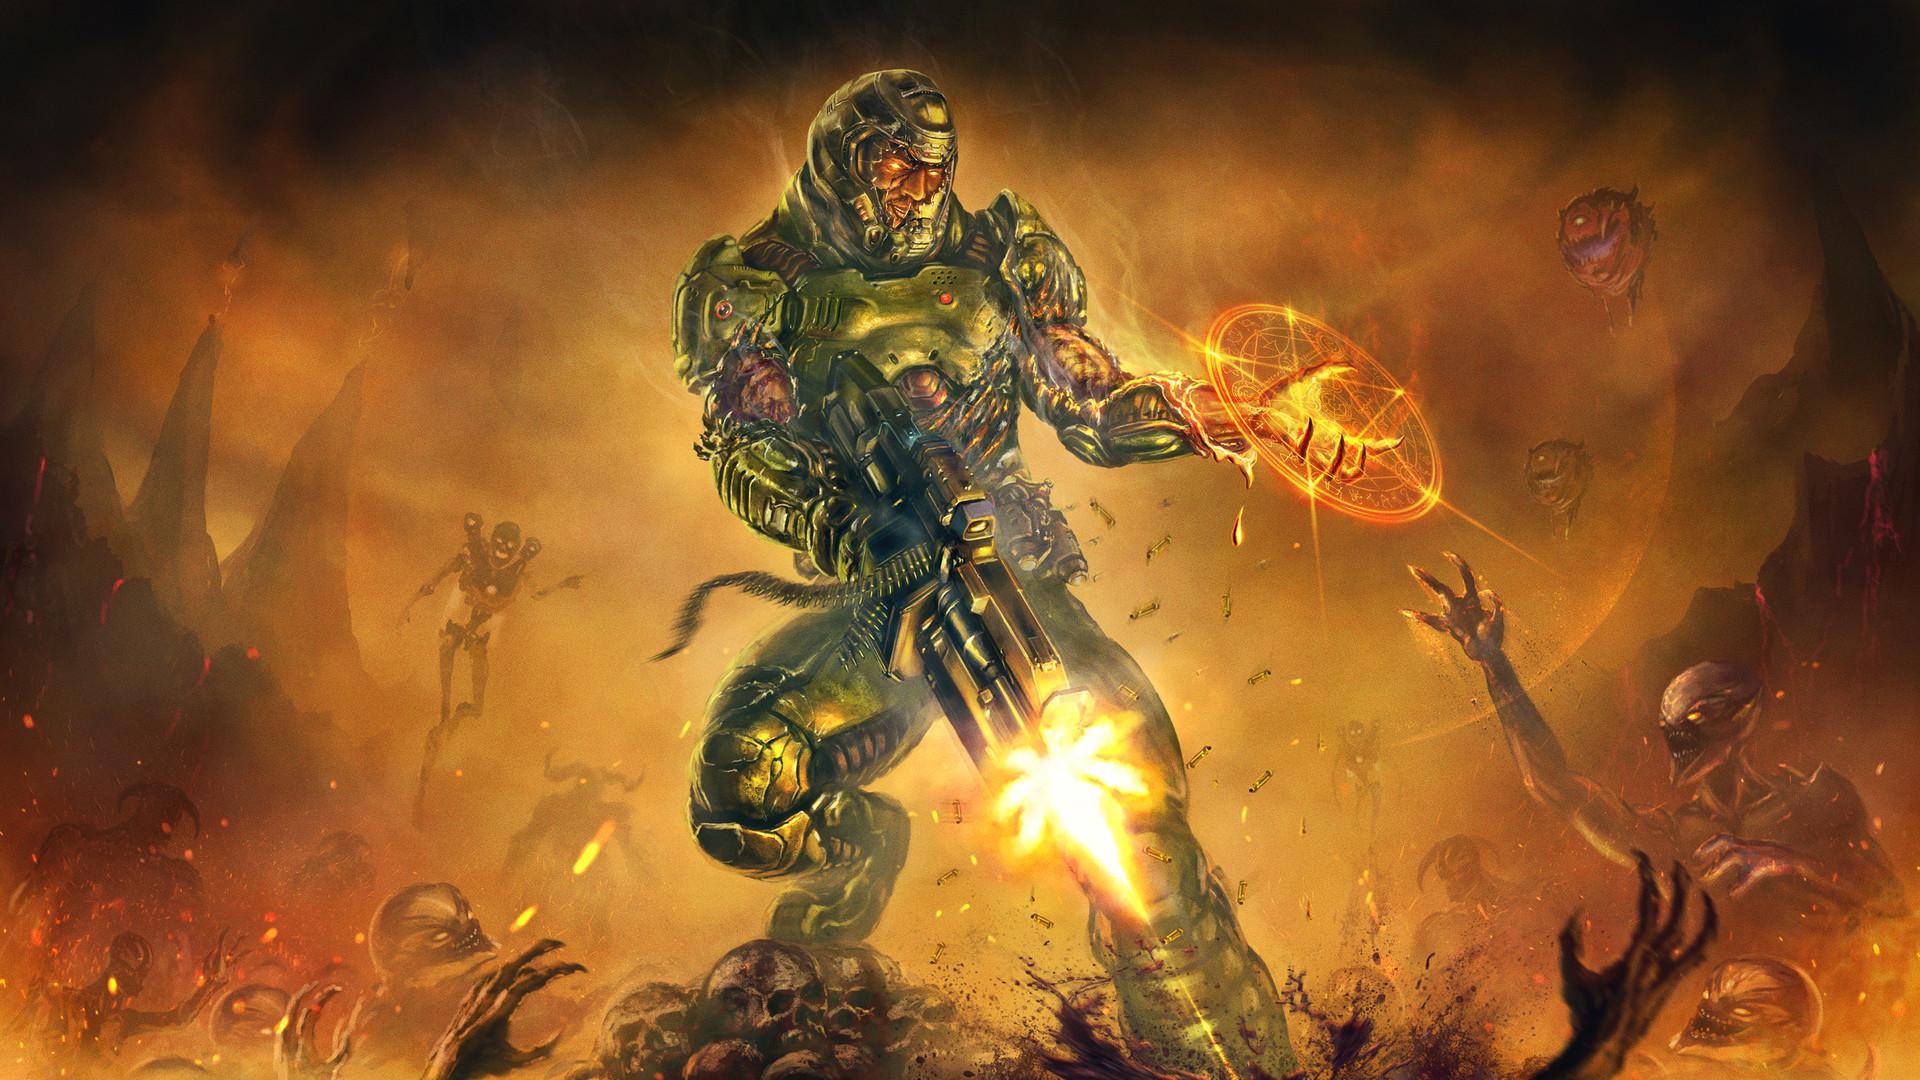 Video Game – Doom (2016) Wallpaper